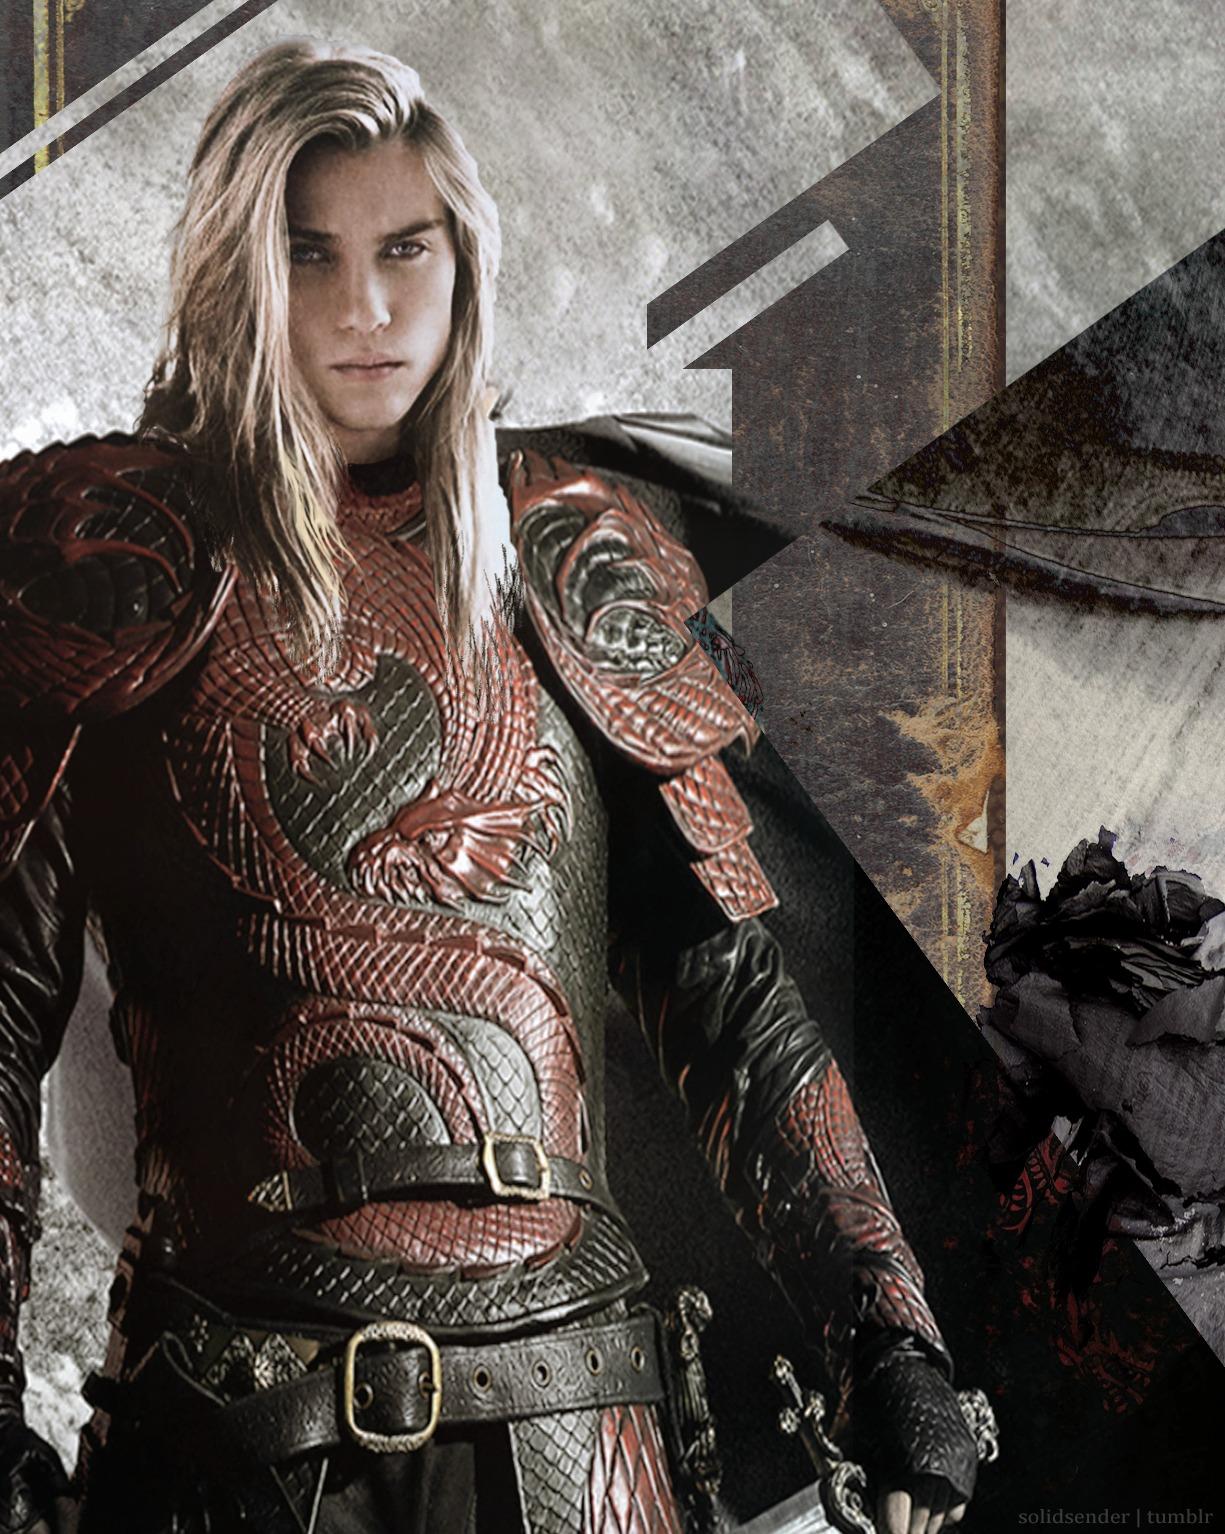 Free Download Rhaegar Targaryen Game Of Thrones Fan Art 37712020